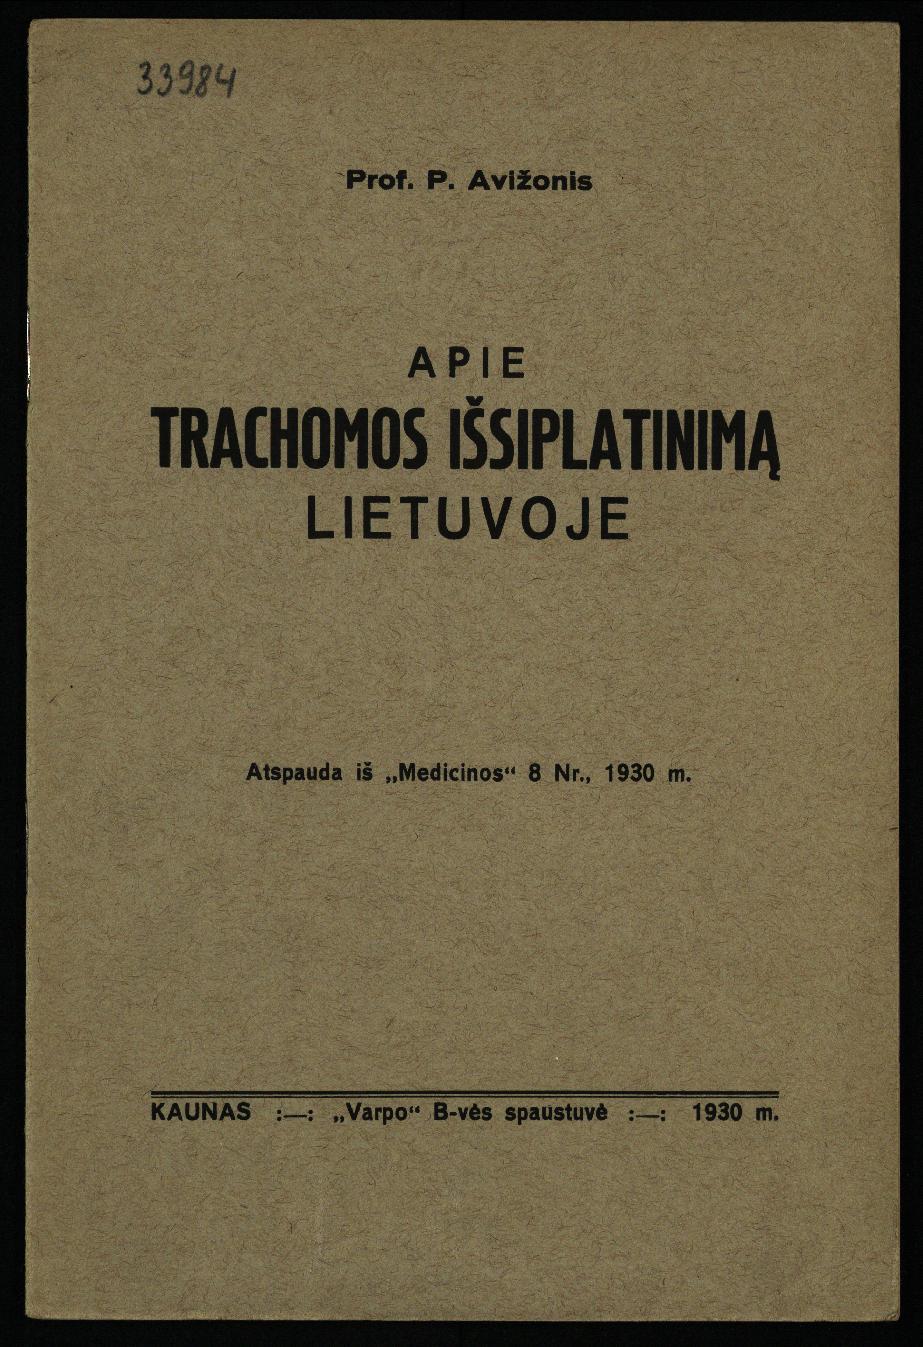 Avižonis, Petras. Apie trachomos išsiplatinimą Lietuvoje. – Kaunas: Varpas, 1930. – 14 p.